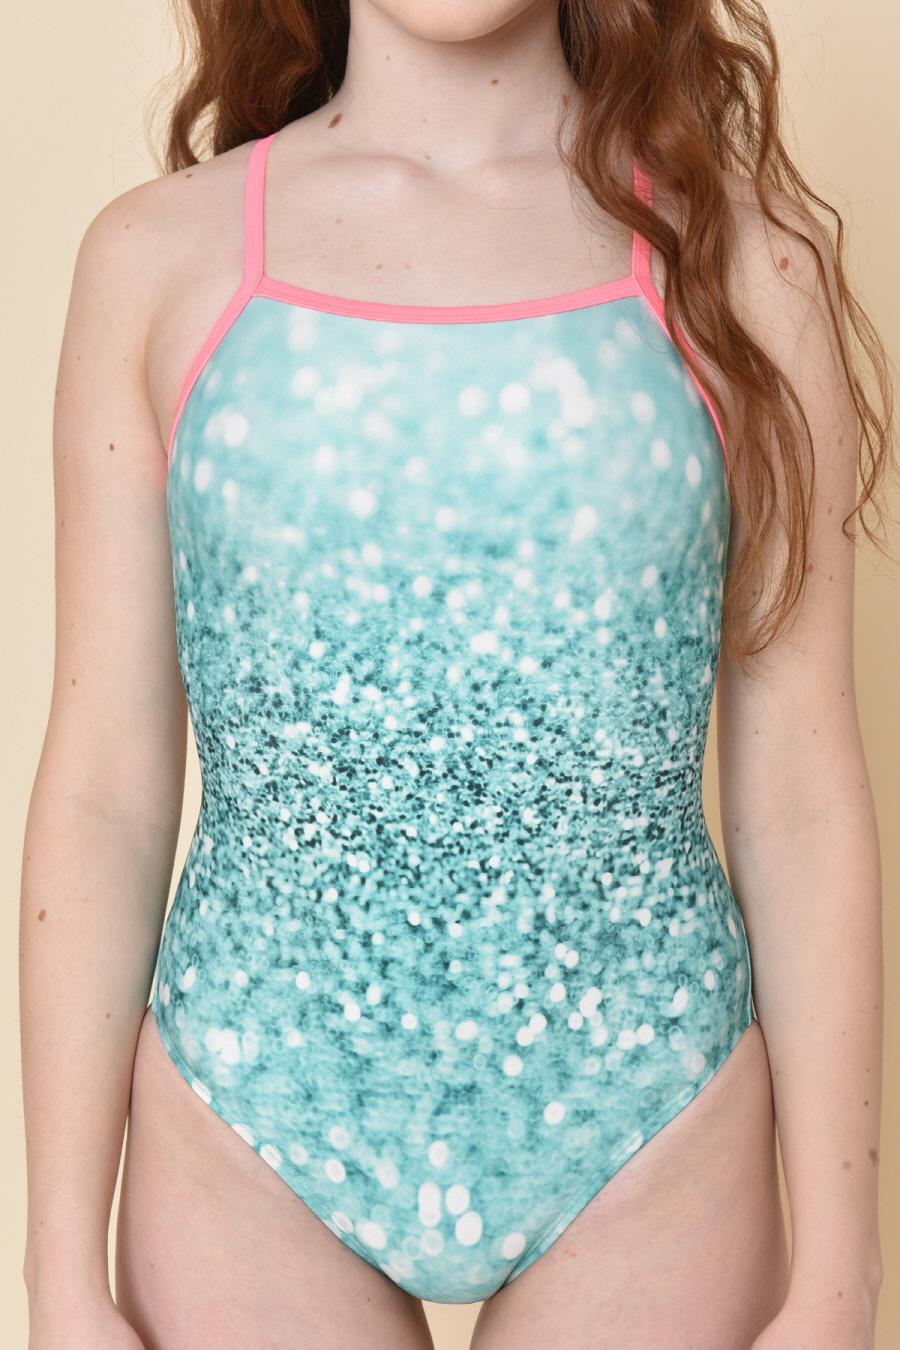 딜라잇풀(DELIGHTPOOL) Starry Glitter - Mint